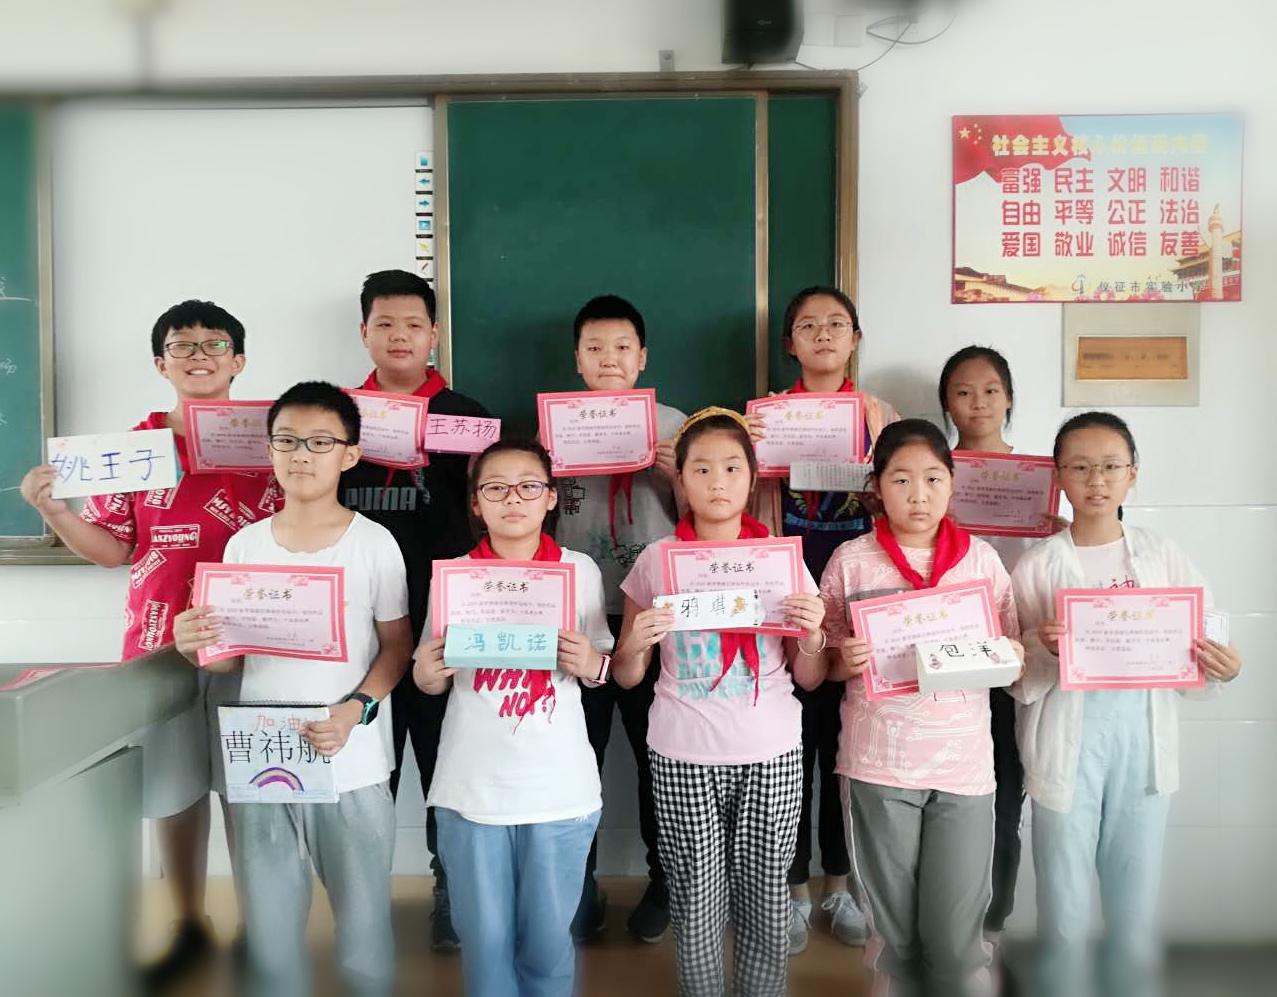 仪征实小学生开展线上数学阅读领略数学独特魅力